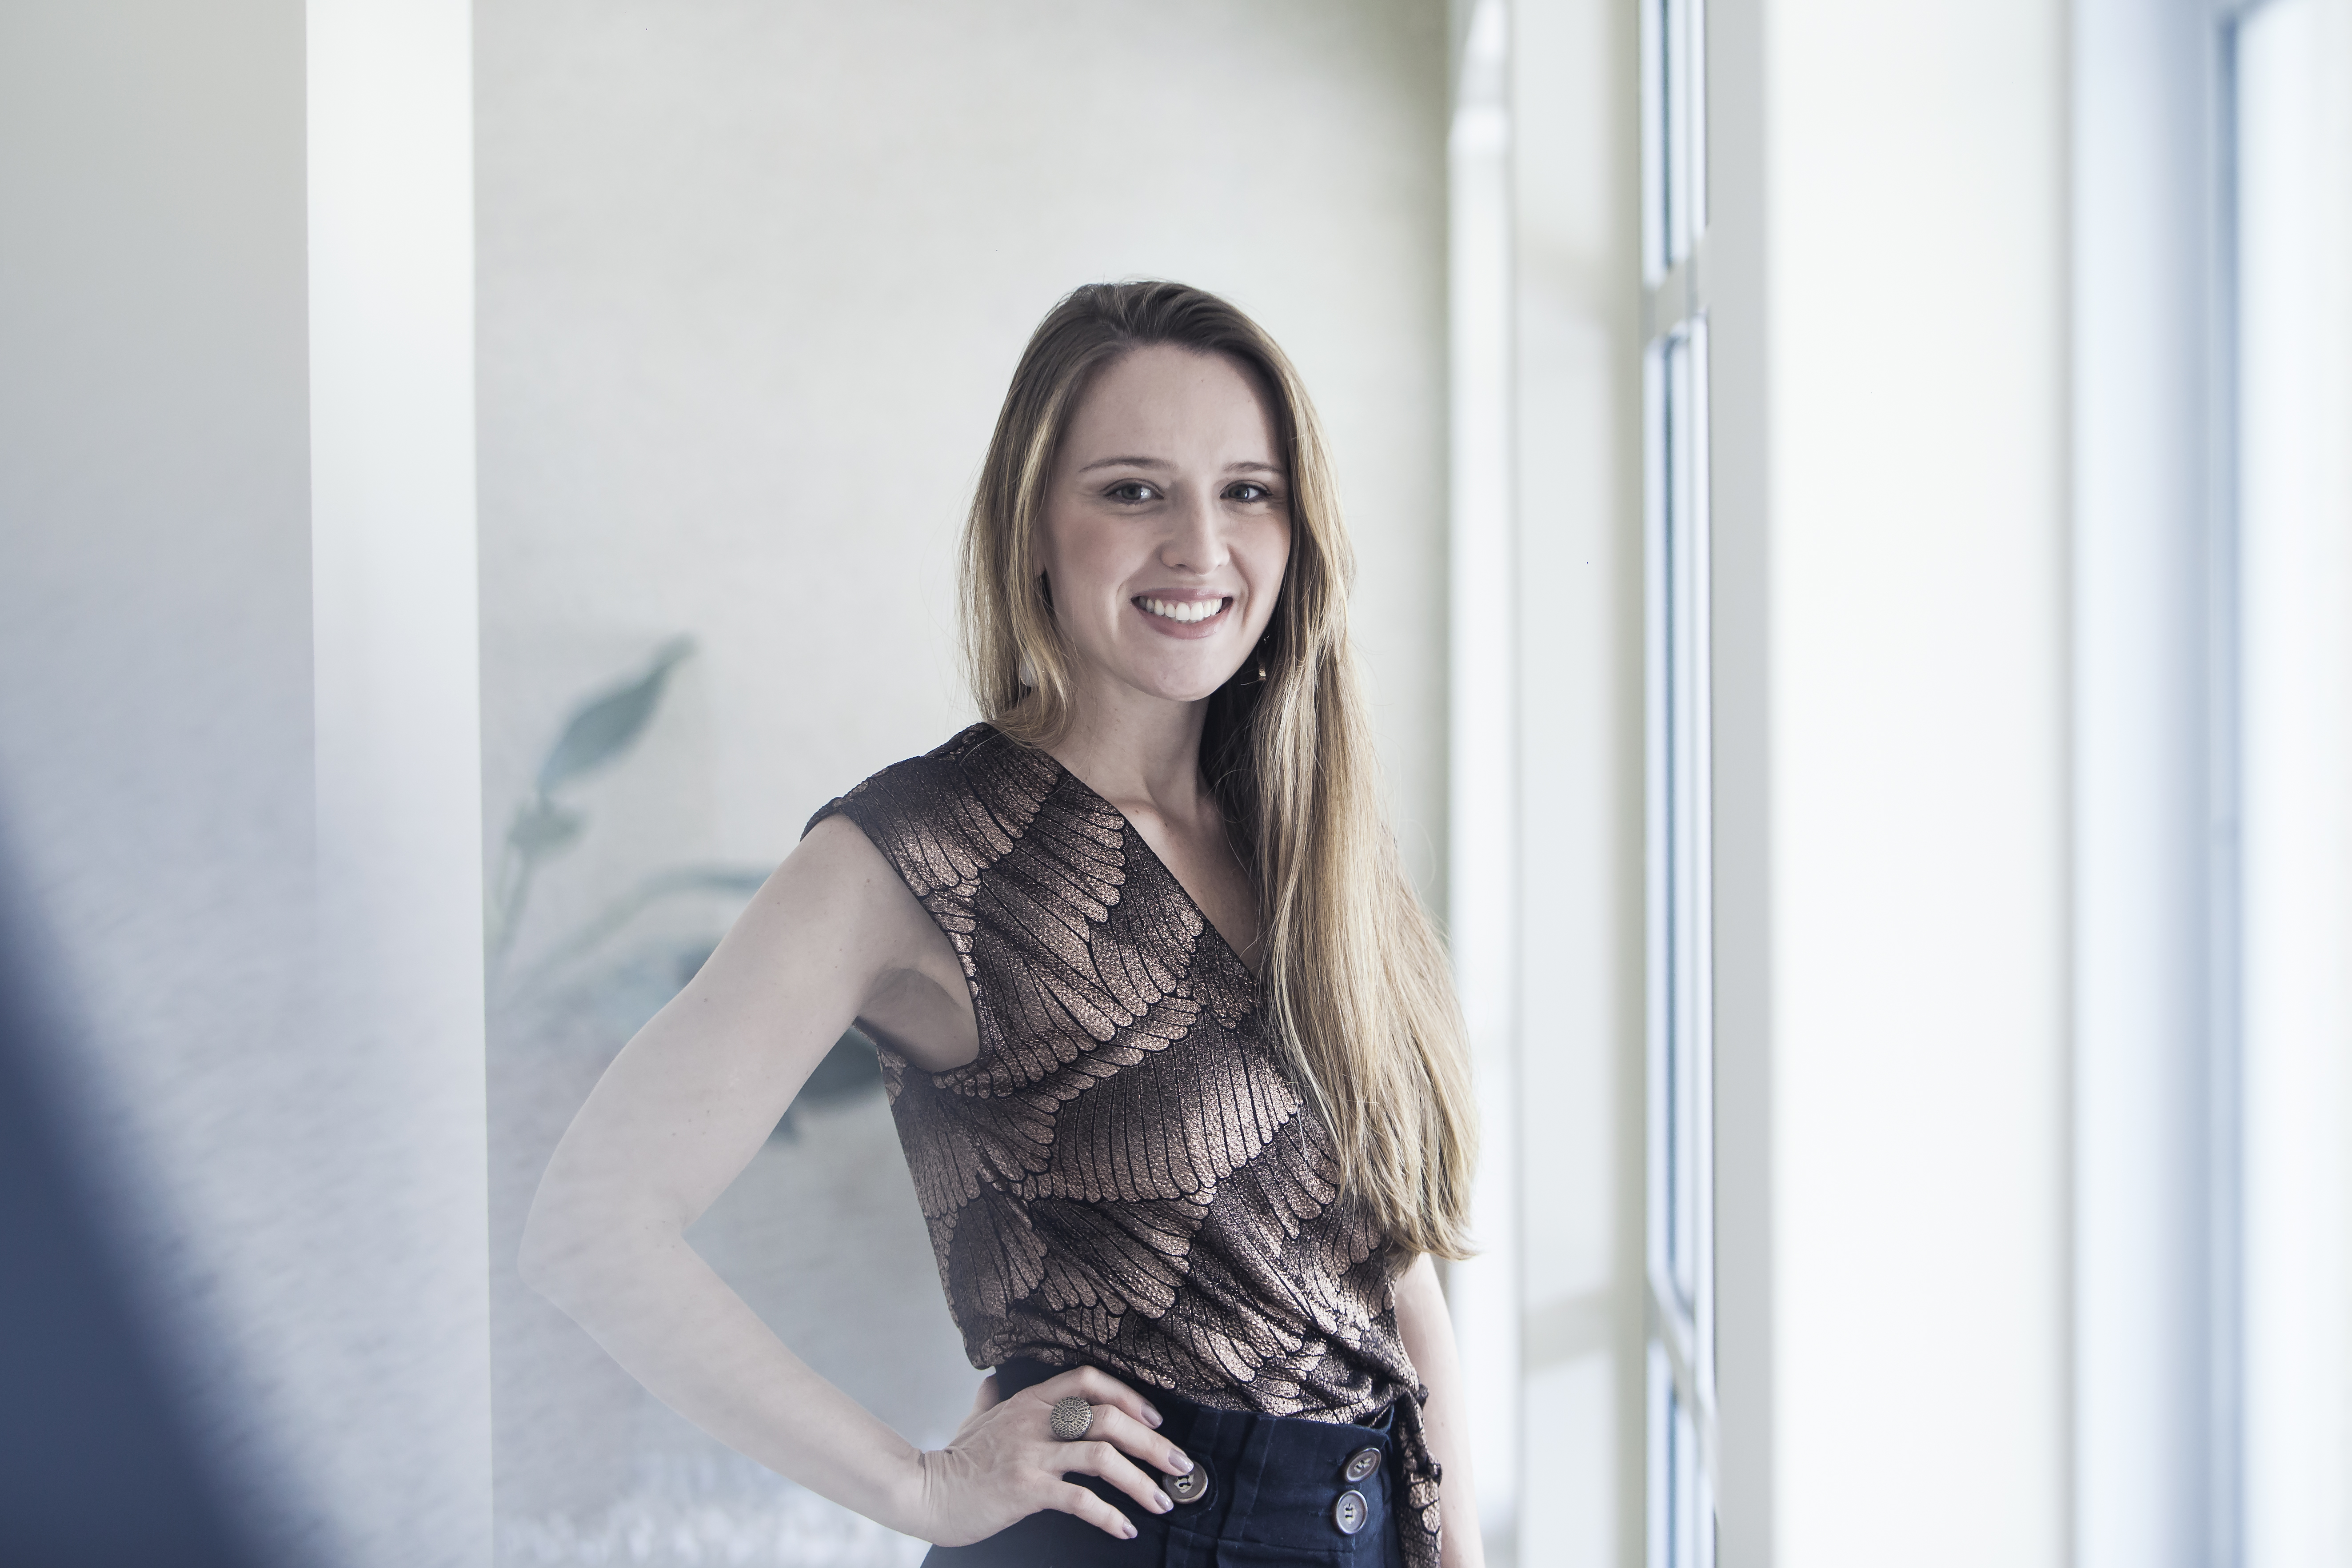 Renata Maiorino, diretora de desenvolvimento humano do Mattos Filho: escritório intensificou práticas de diversidade para atender às demandas dos clientes